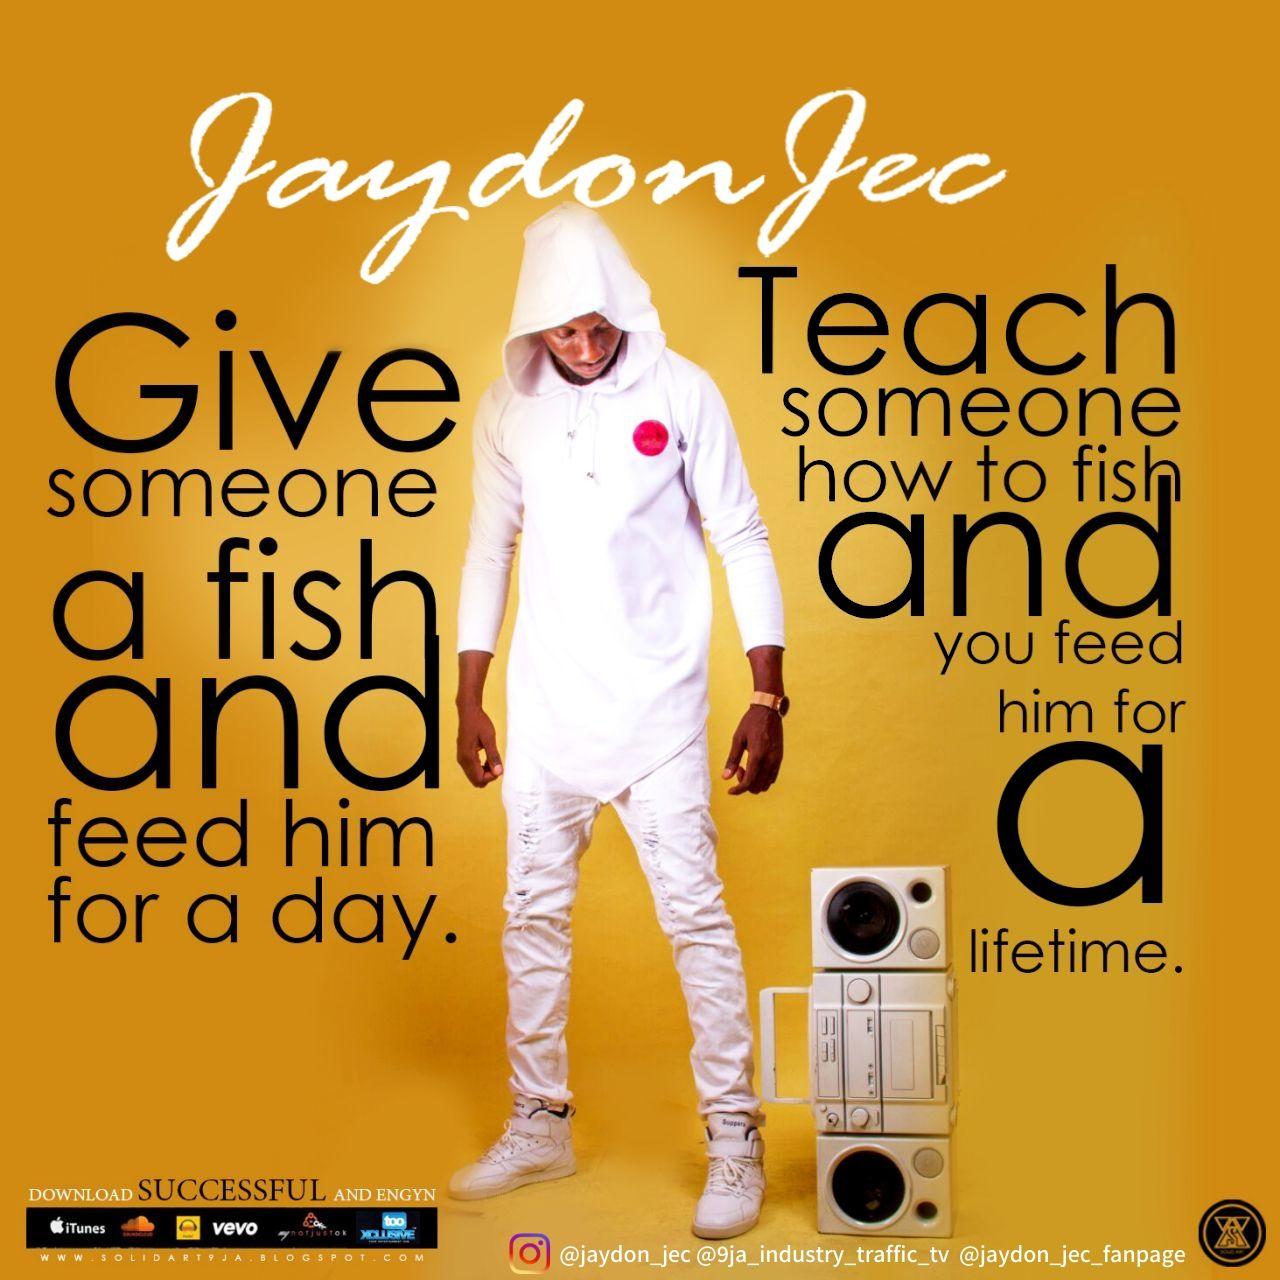 Successful - Jaydon Jec